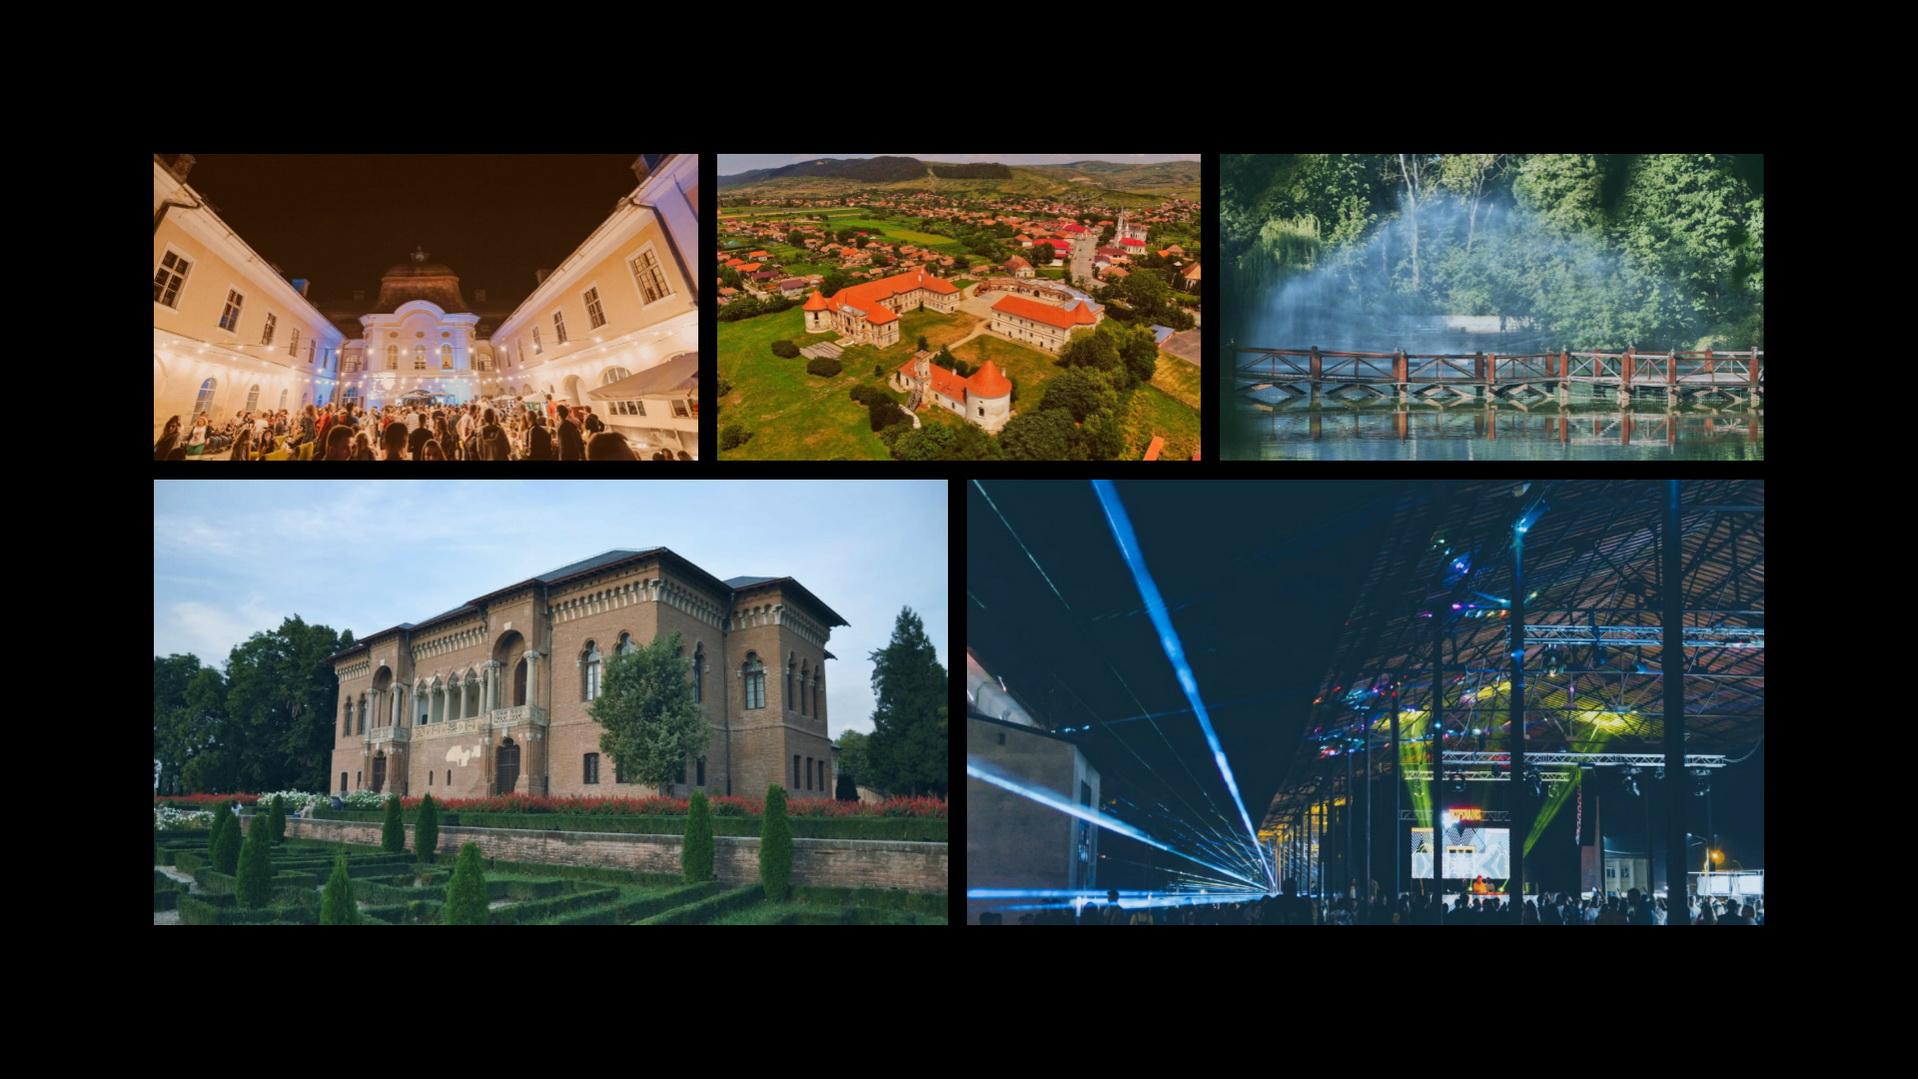 5 festivaluri de muzică care aduc locații inedite la viață